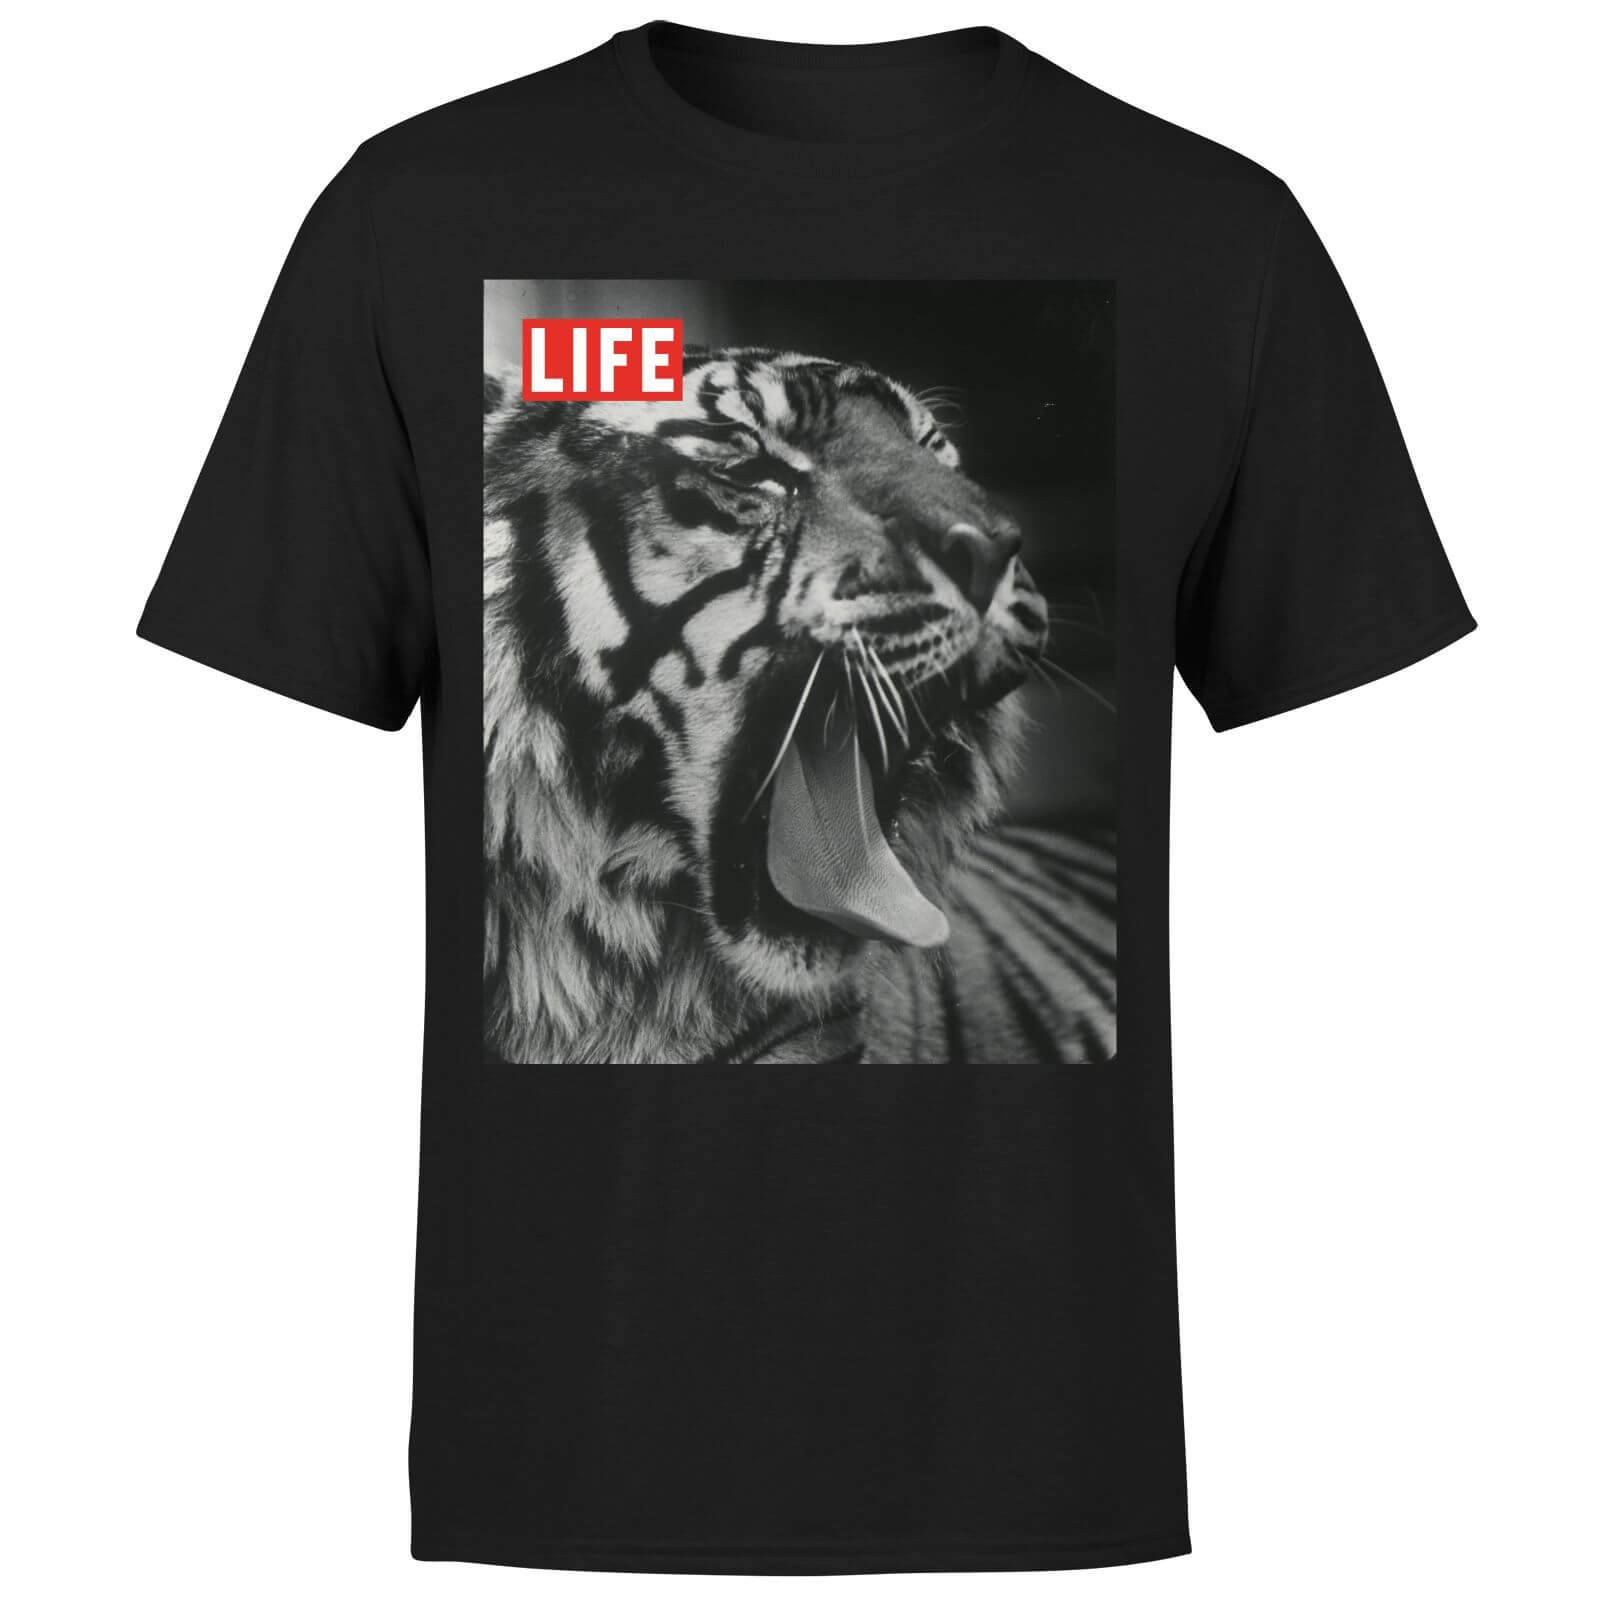 LIFE Magazine Tiger Men's T-Shirt - Black - S - Black-male